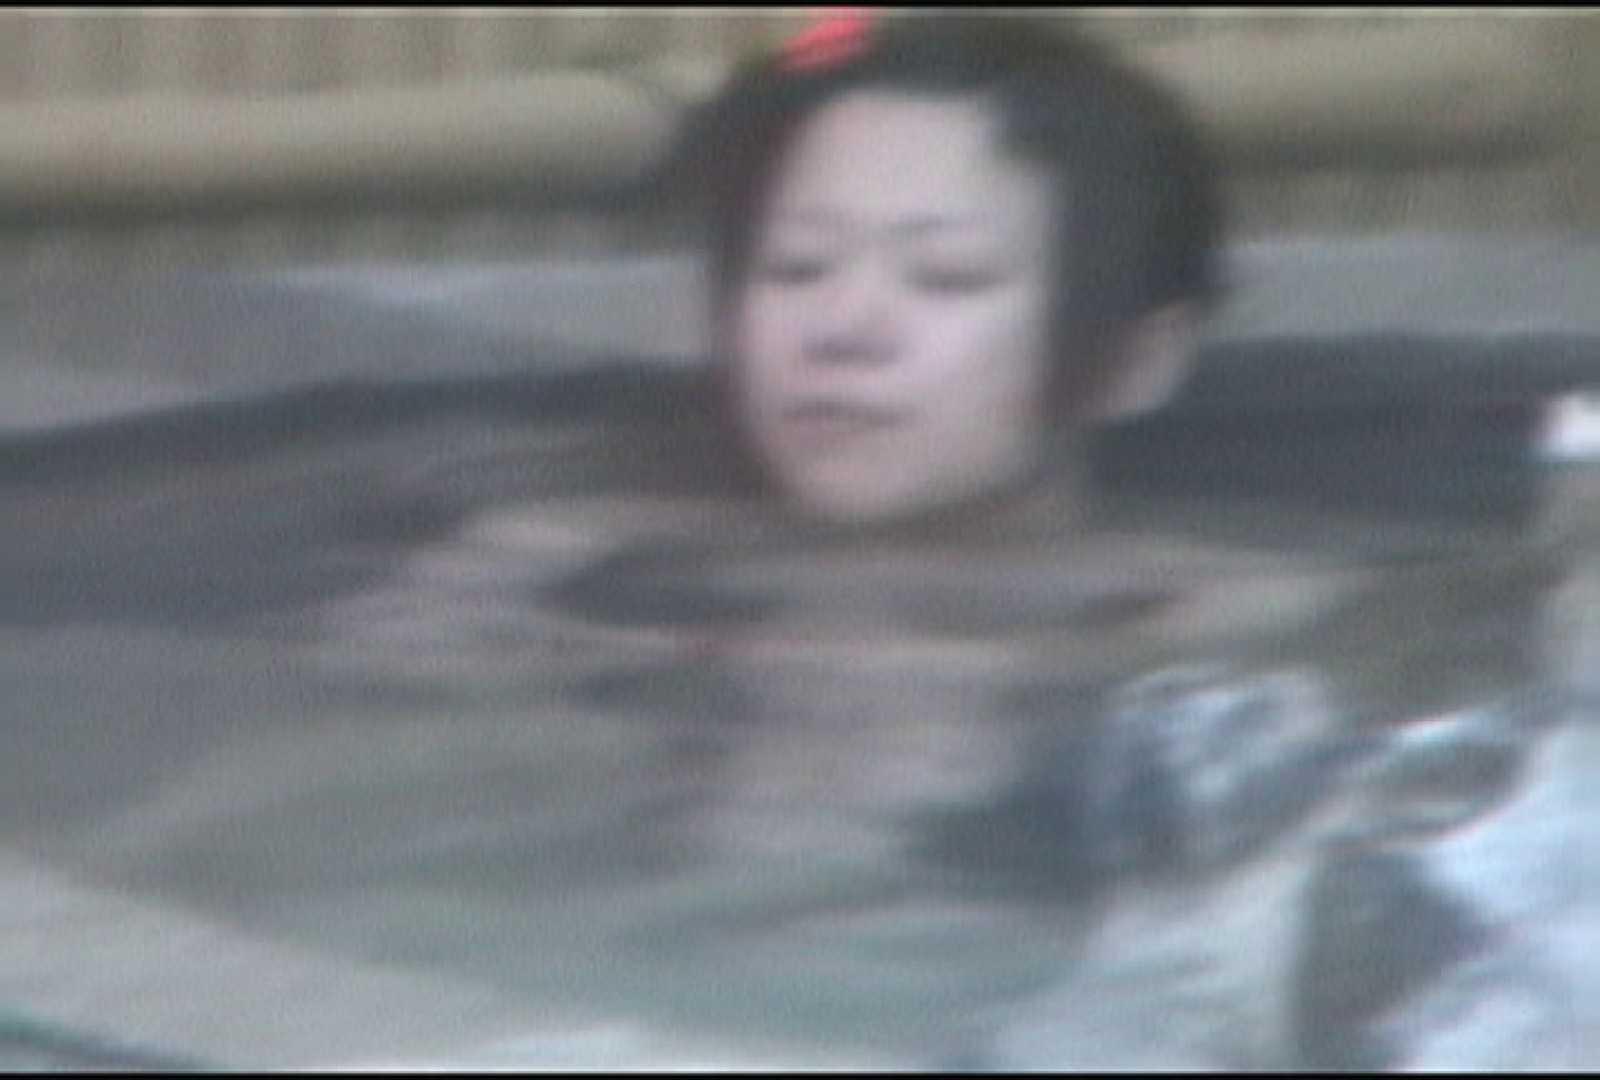 Aquaな露天風呂Vol.175 OLセックス 盗み撮りAV無料動画キャプチャ 77画像 26